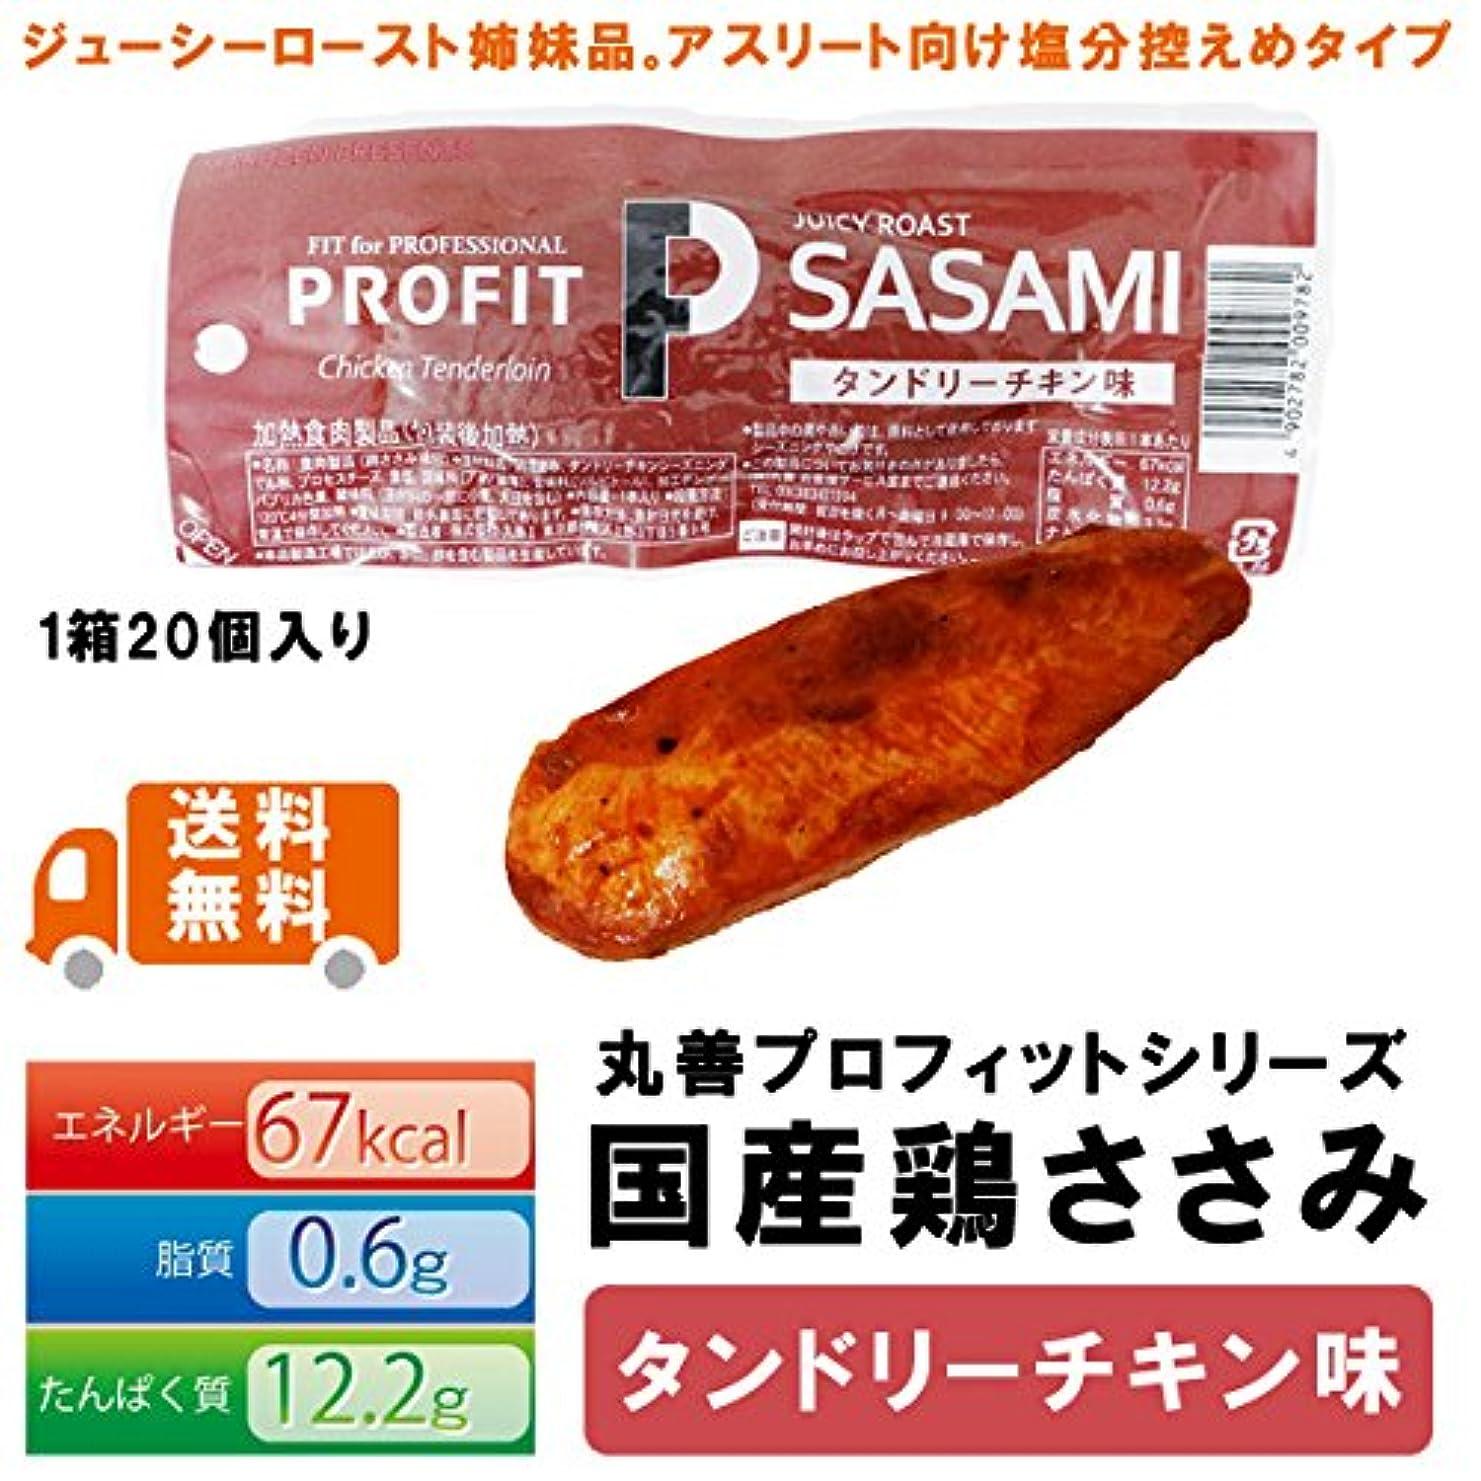 非効率的な縞模様のかわいらしい丸善 PRO-FIT プロフィットささみ 鶏ささみ タンドリーチキン味 1箱20本入り